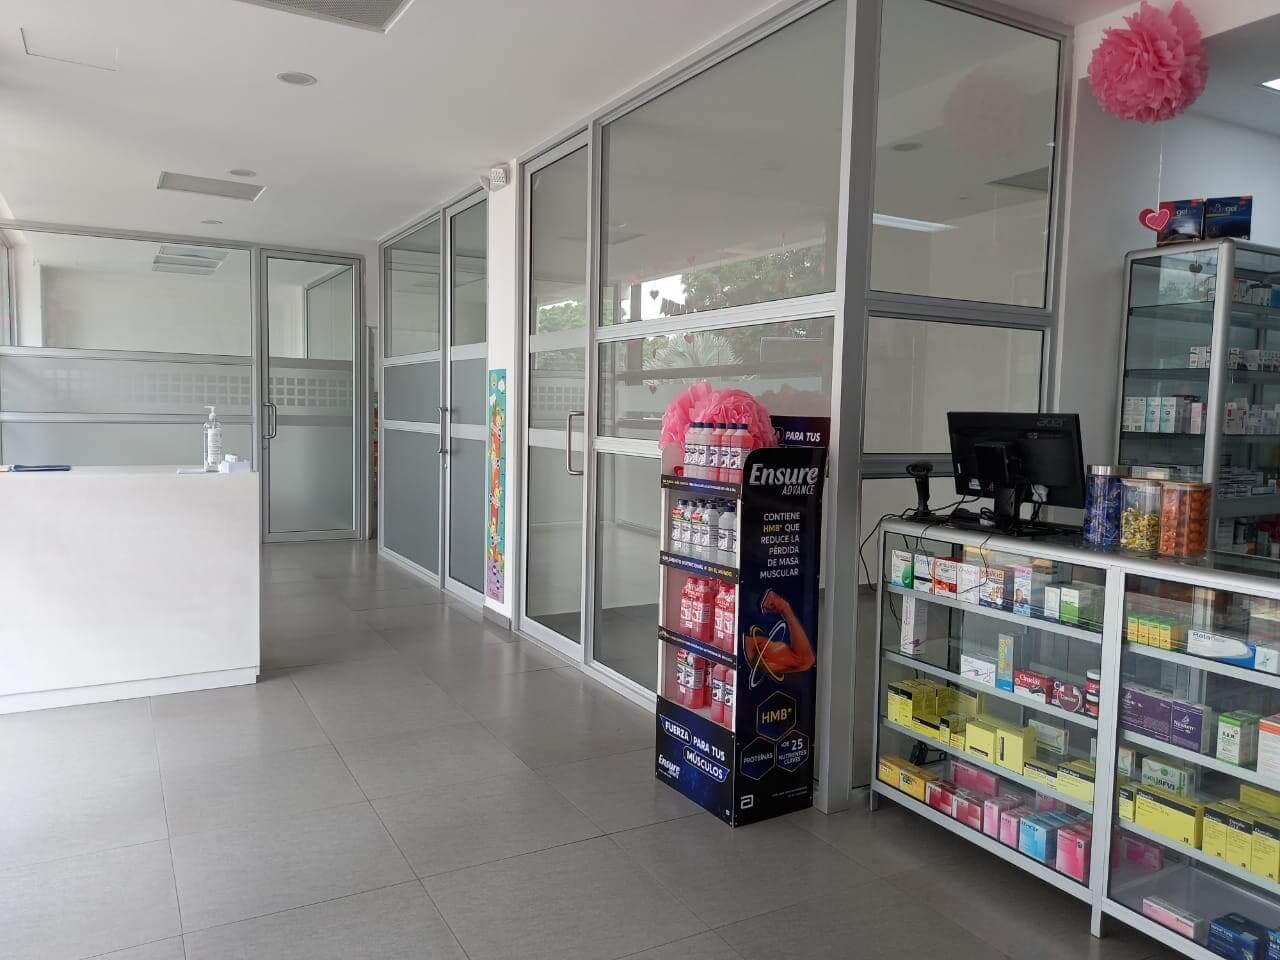 farmacia-quality-plaza-kristal-0014